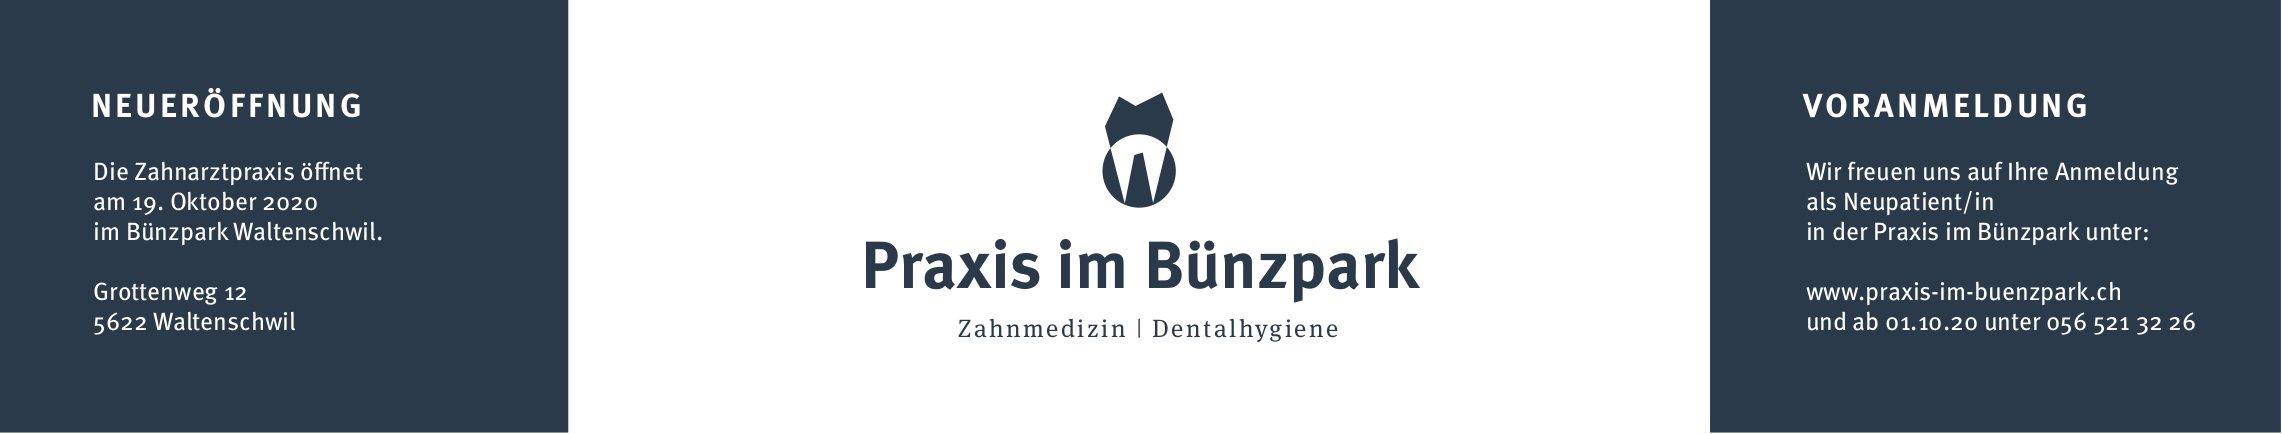 Neueröffnung Praxis im Bünzpark Waltenschwil am 19. Oktober